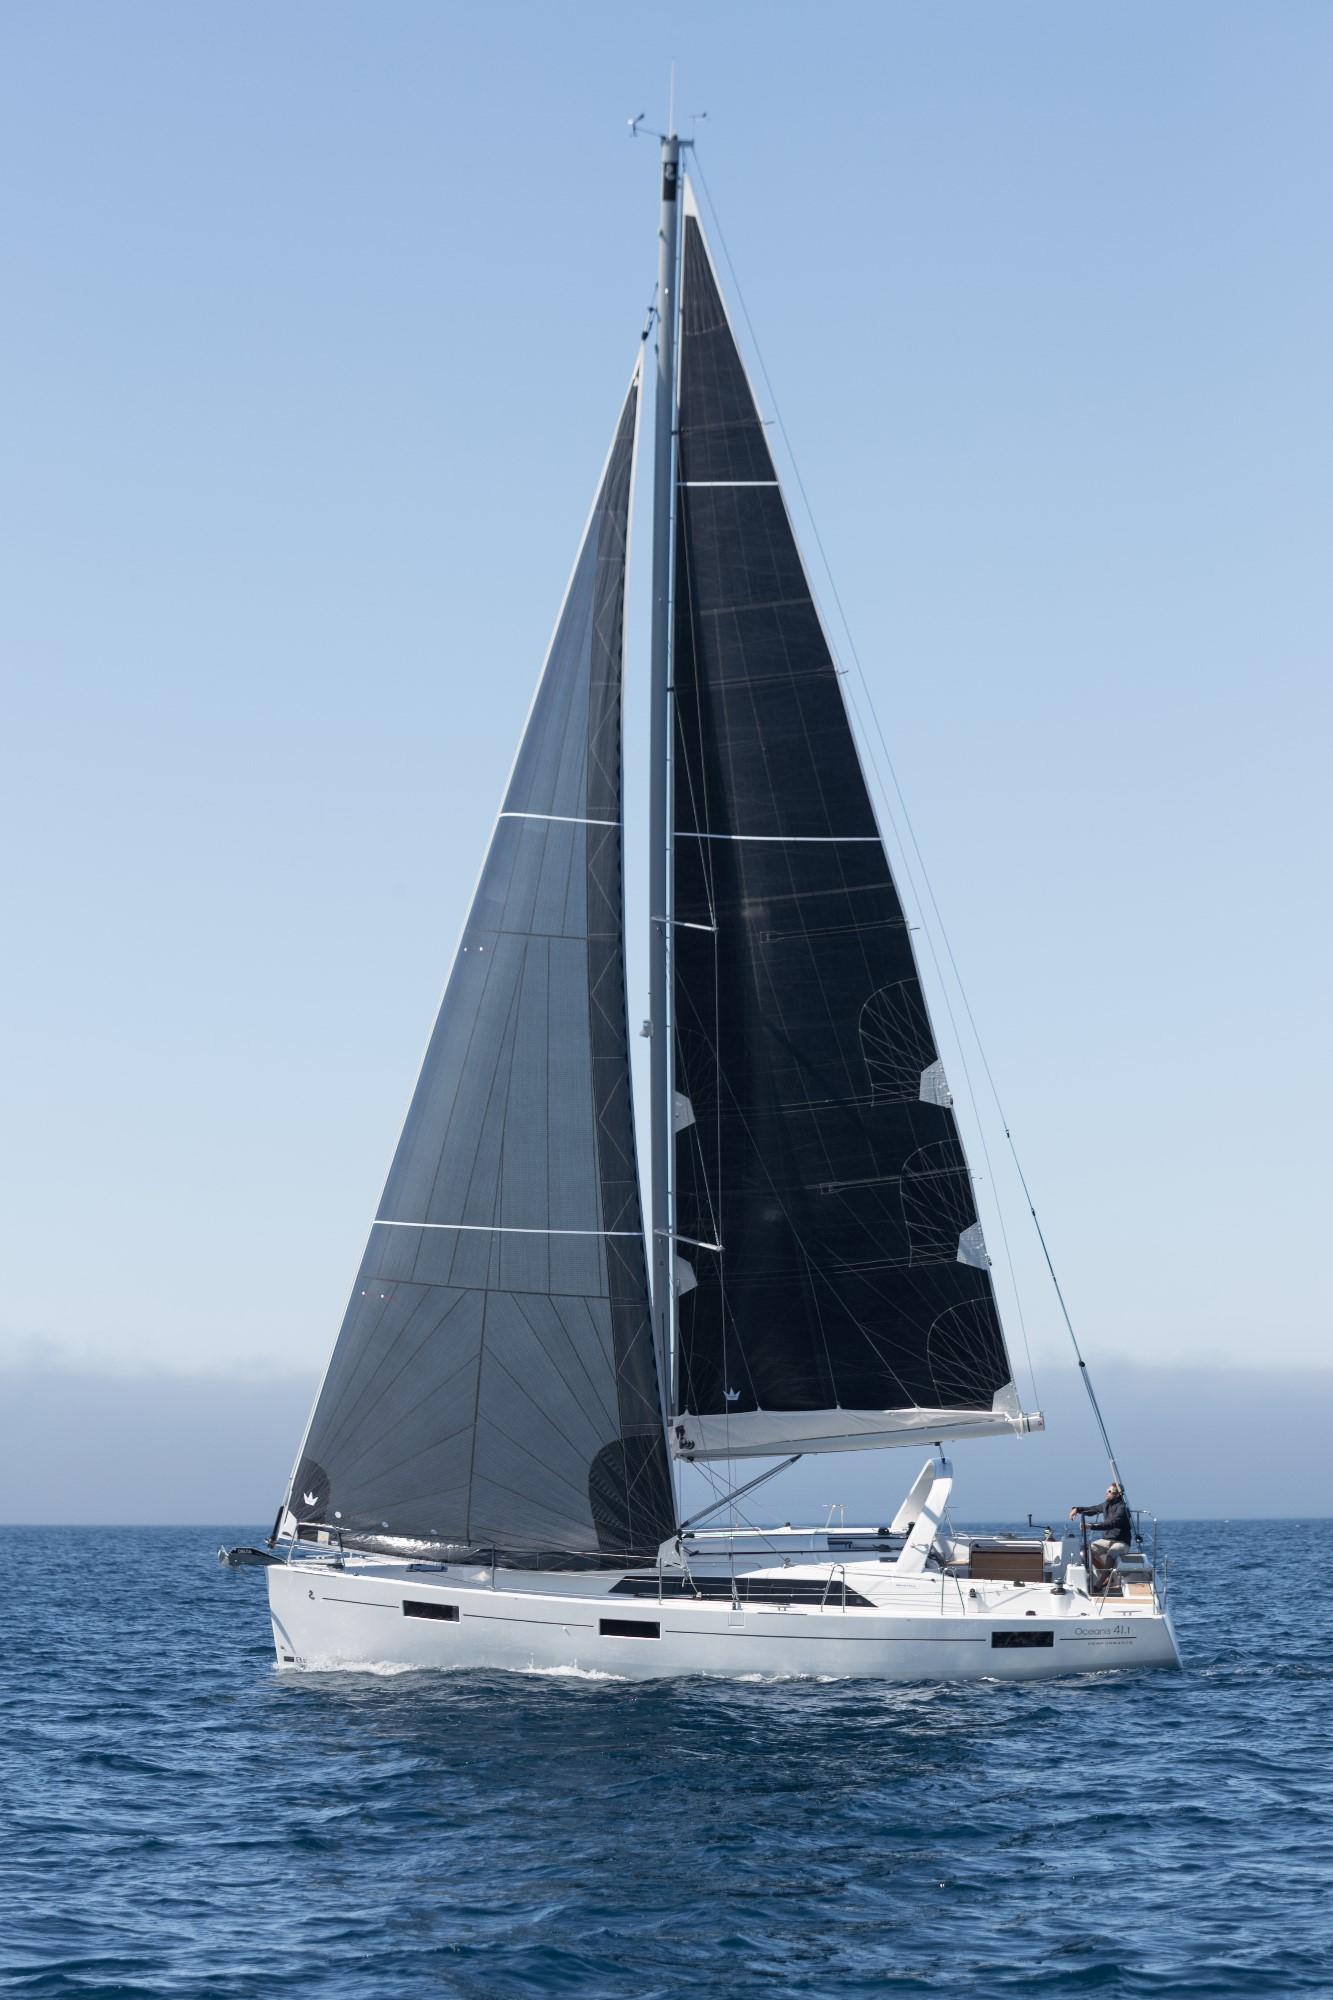 船舶知识讲堂 | 如何安装帆船桅杆